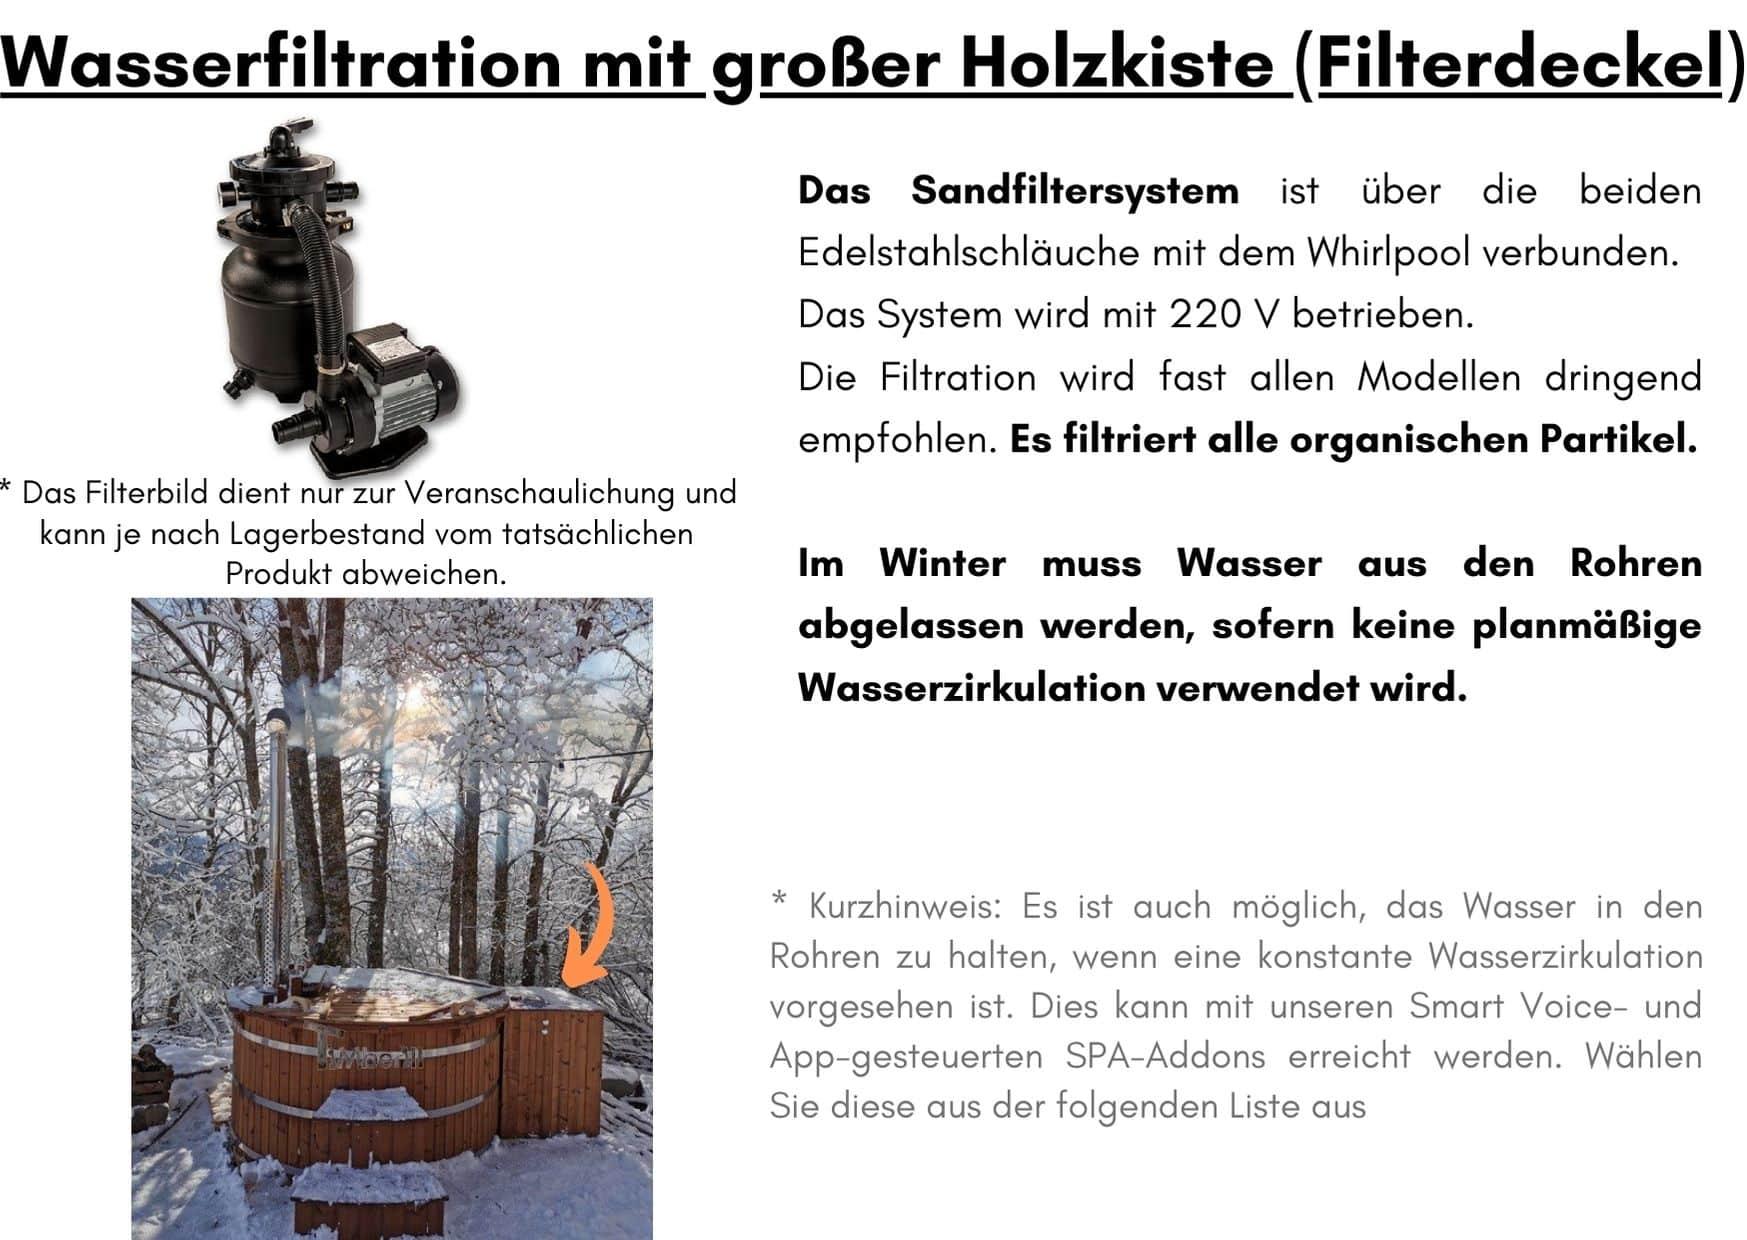 Wasserfiltration mit grosser Holzkiste Filterdeckel